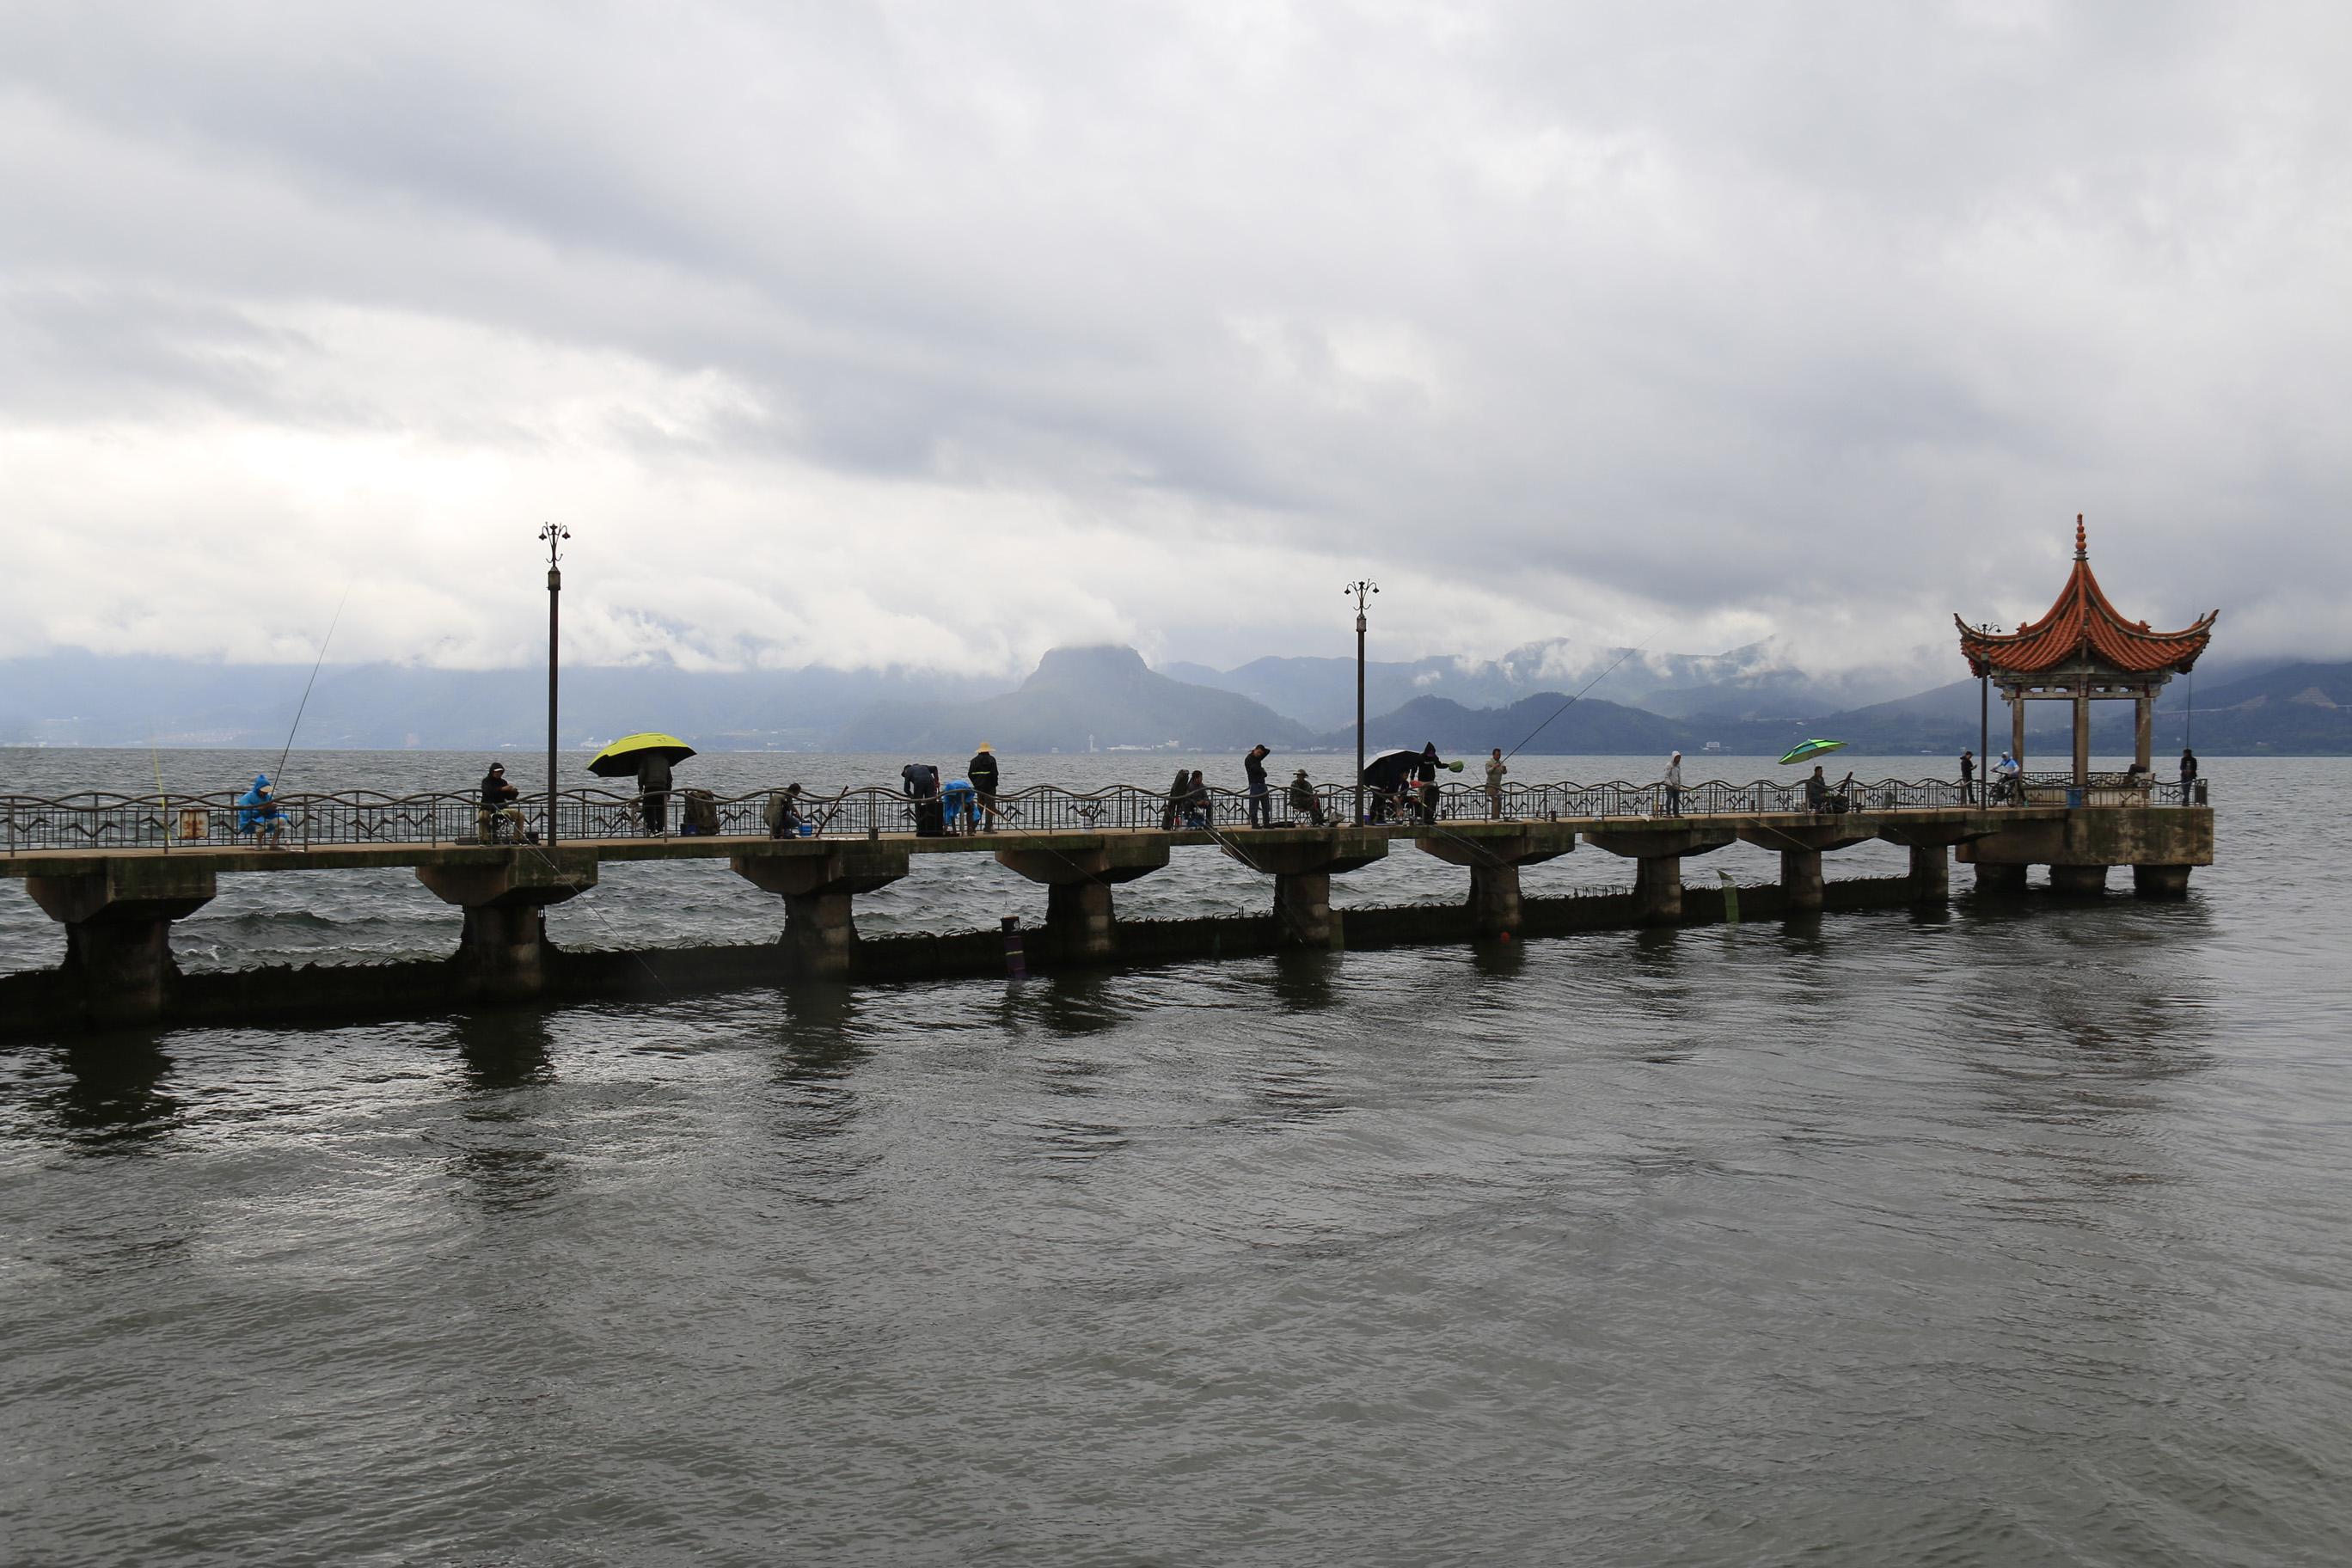 美丽抚仙湖2020年的摄影集锦